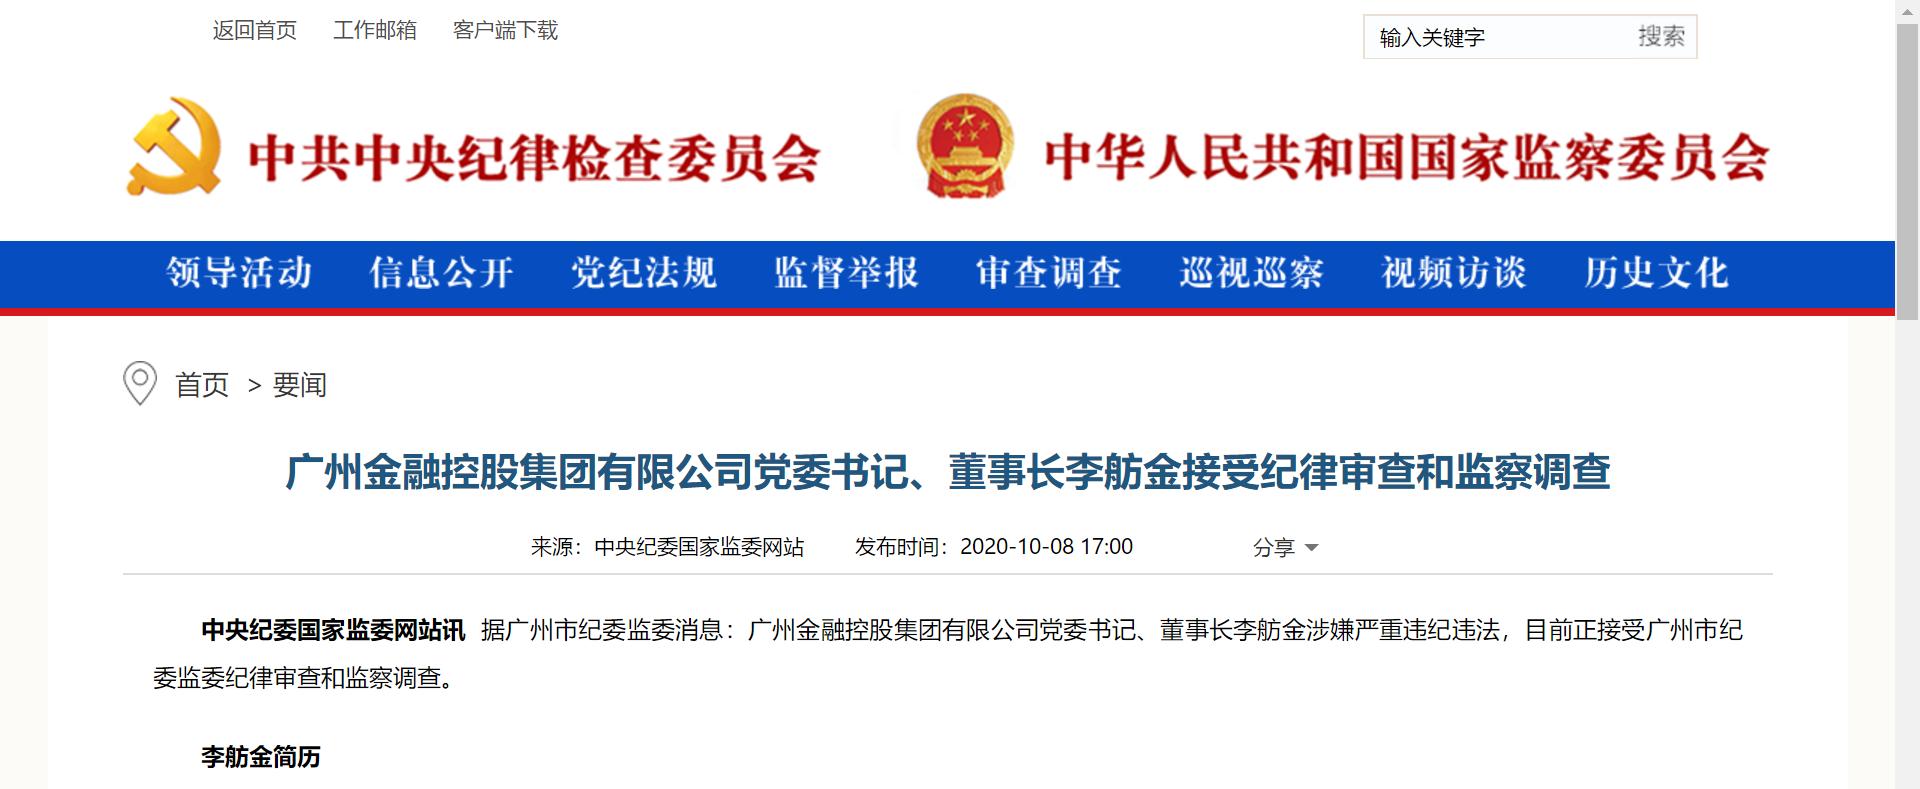 <b>涉嫌严重违纪违法,广州金融控股集团有限公司党委书记、董事长被查</b>